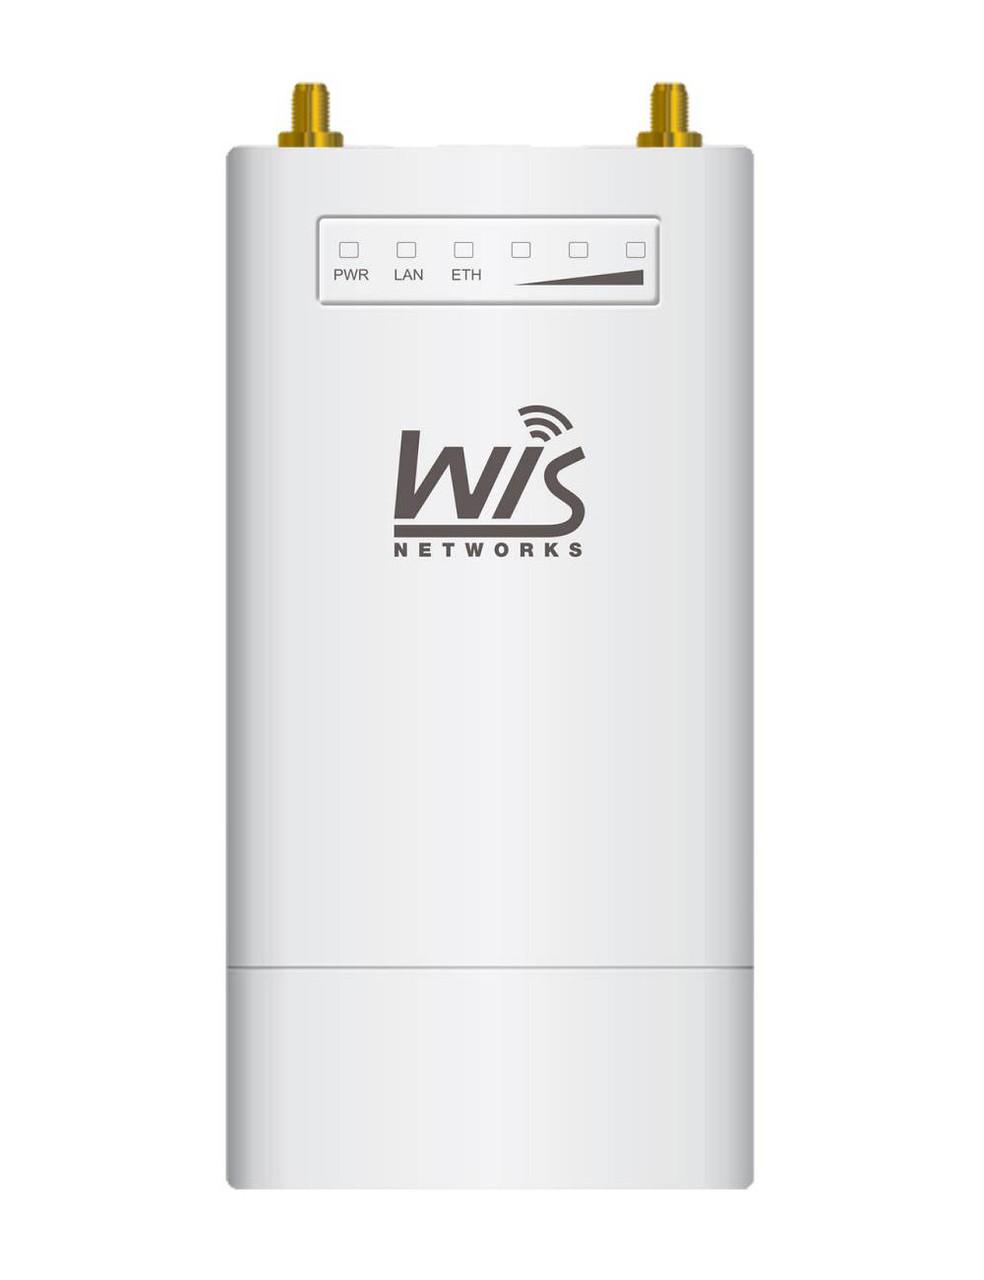 Базовая станция Wisnetworks WIS-S5300